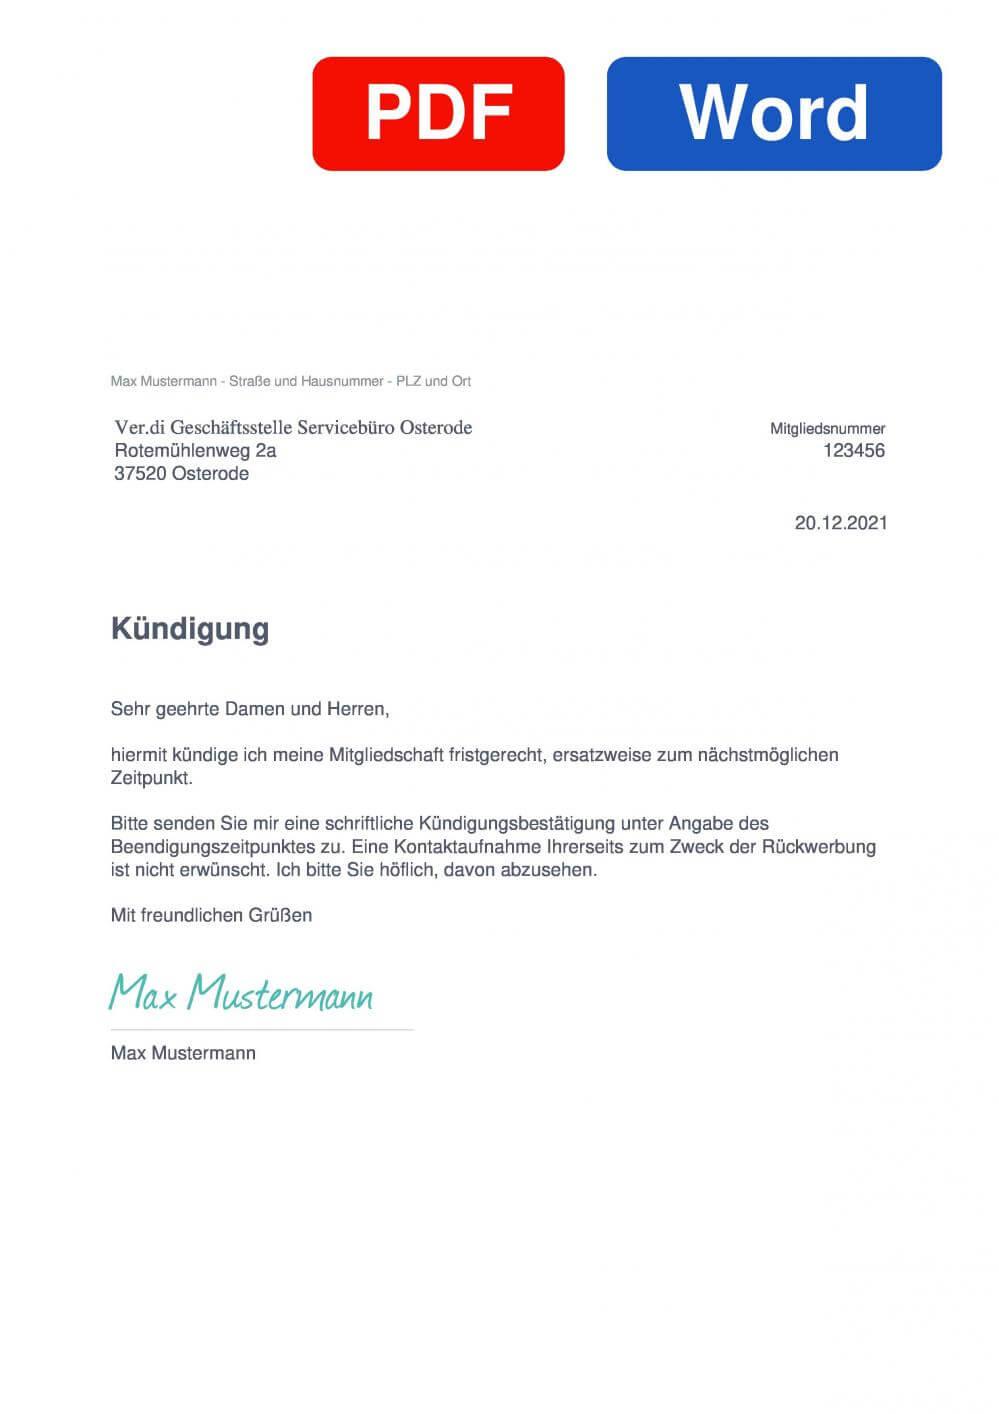 Verdi Servicebüro Osterode Muster Vorlage für Kündigungsschreiben